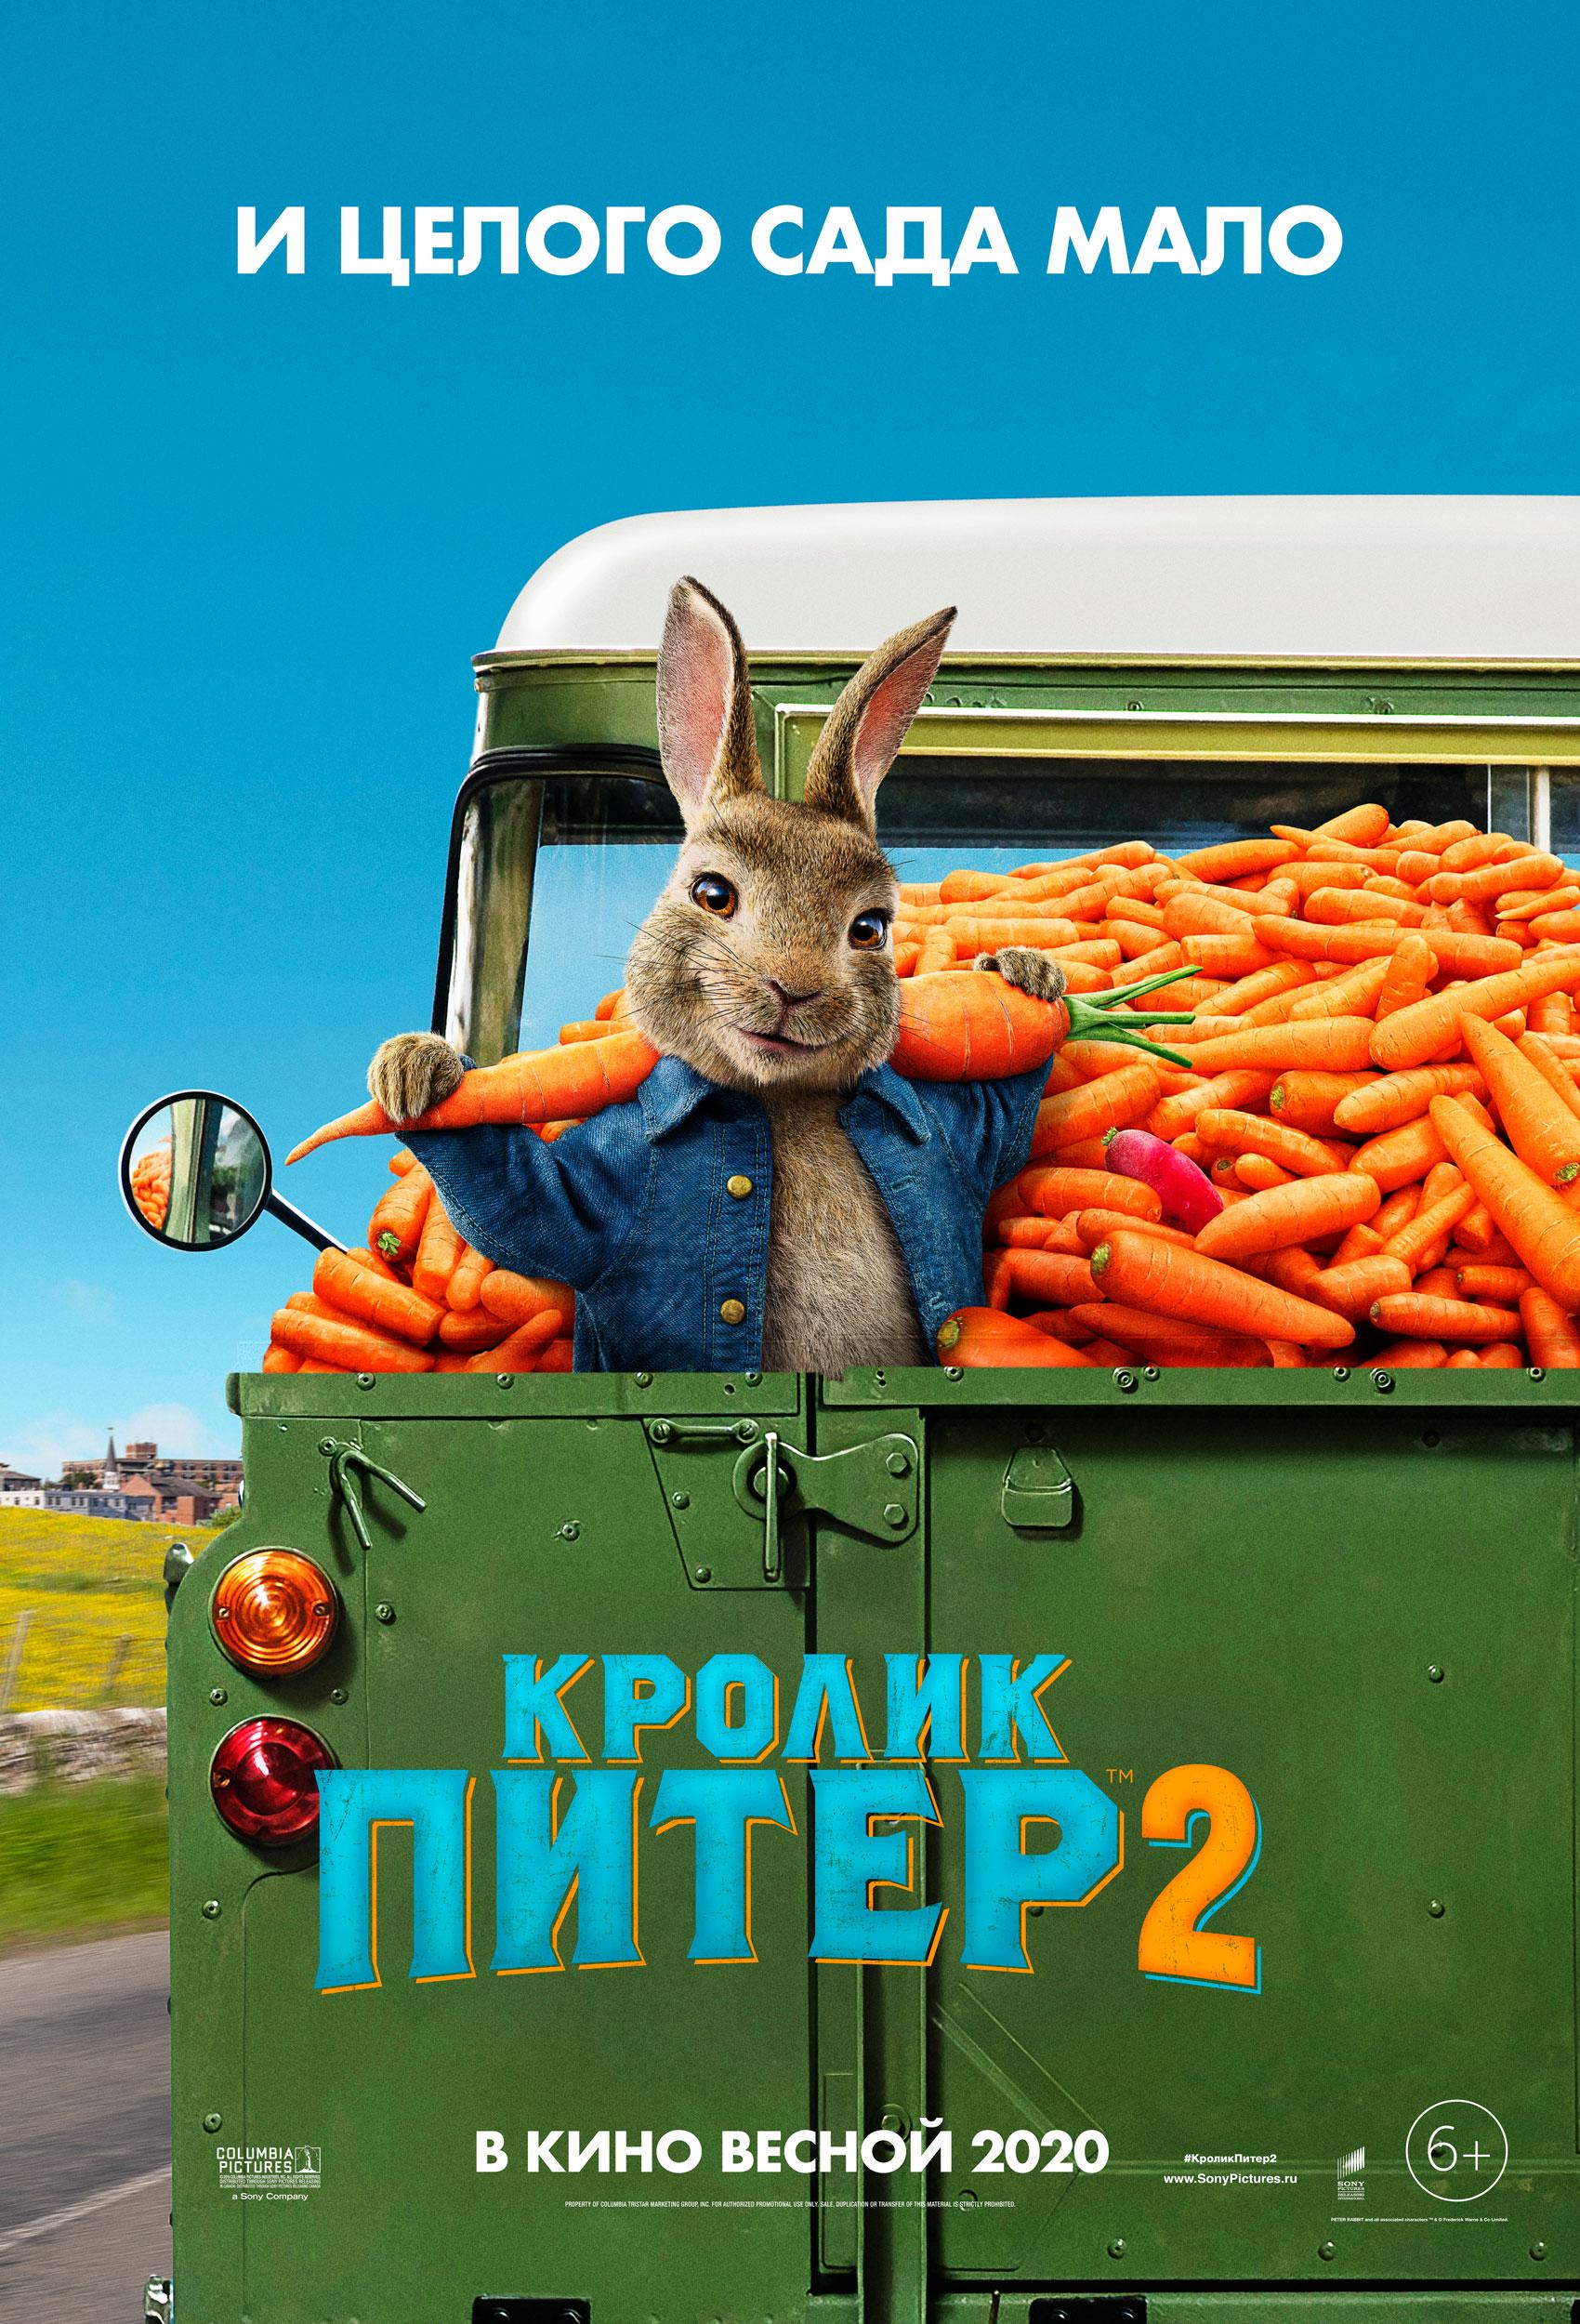 Кролик Питер 2 постер